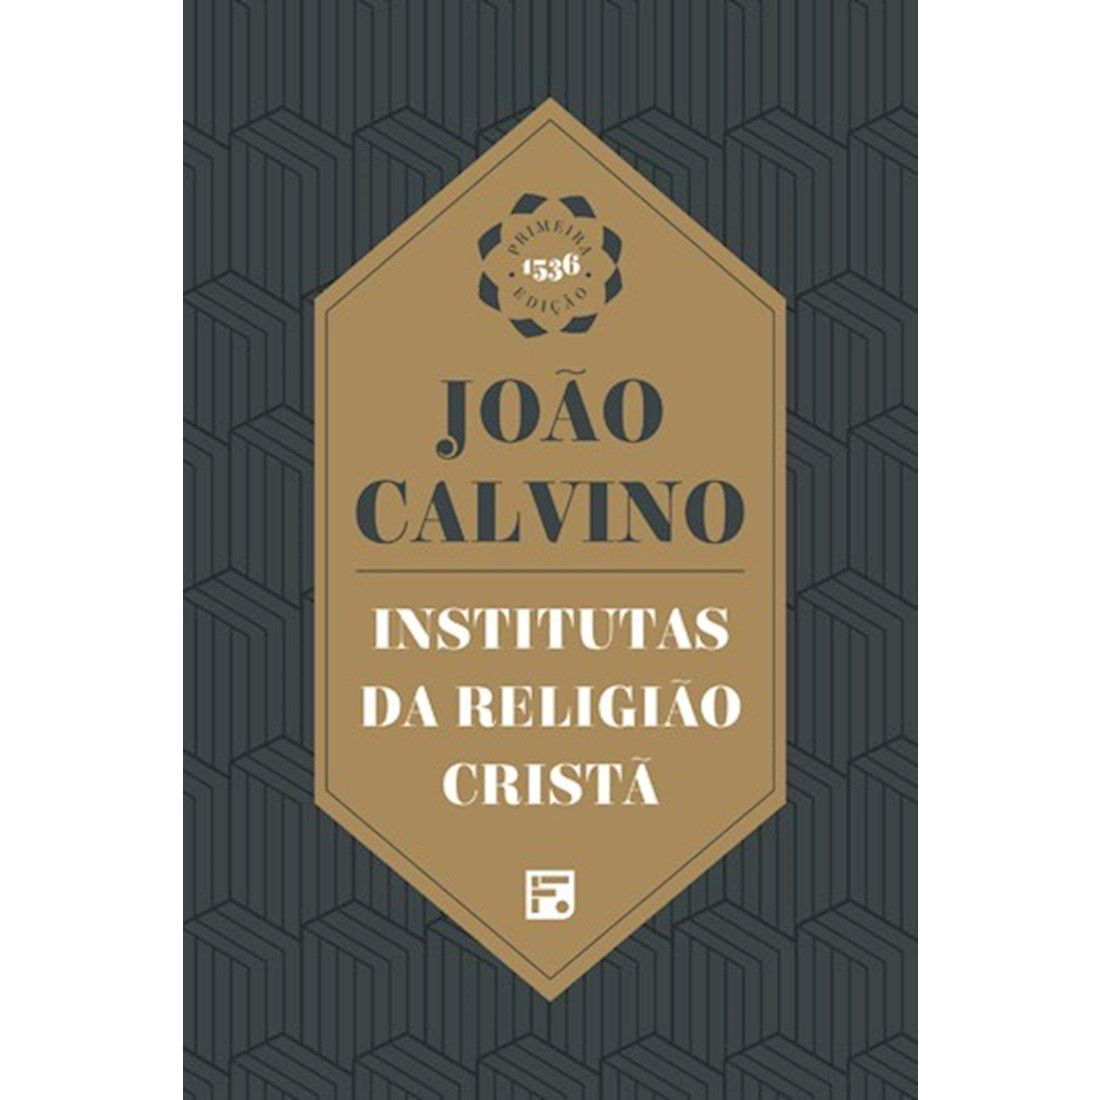 Livro Institutas da Religião Cristã - Primeira edição de 1536